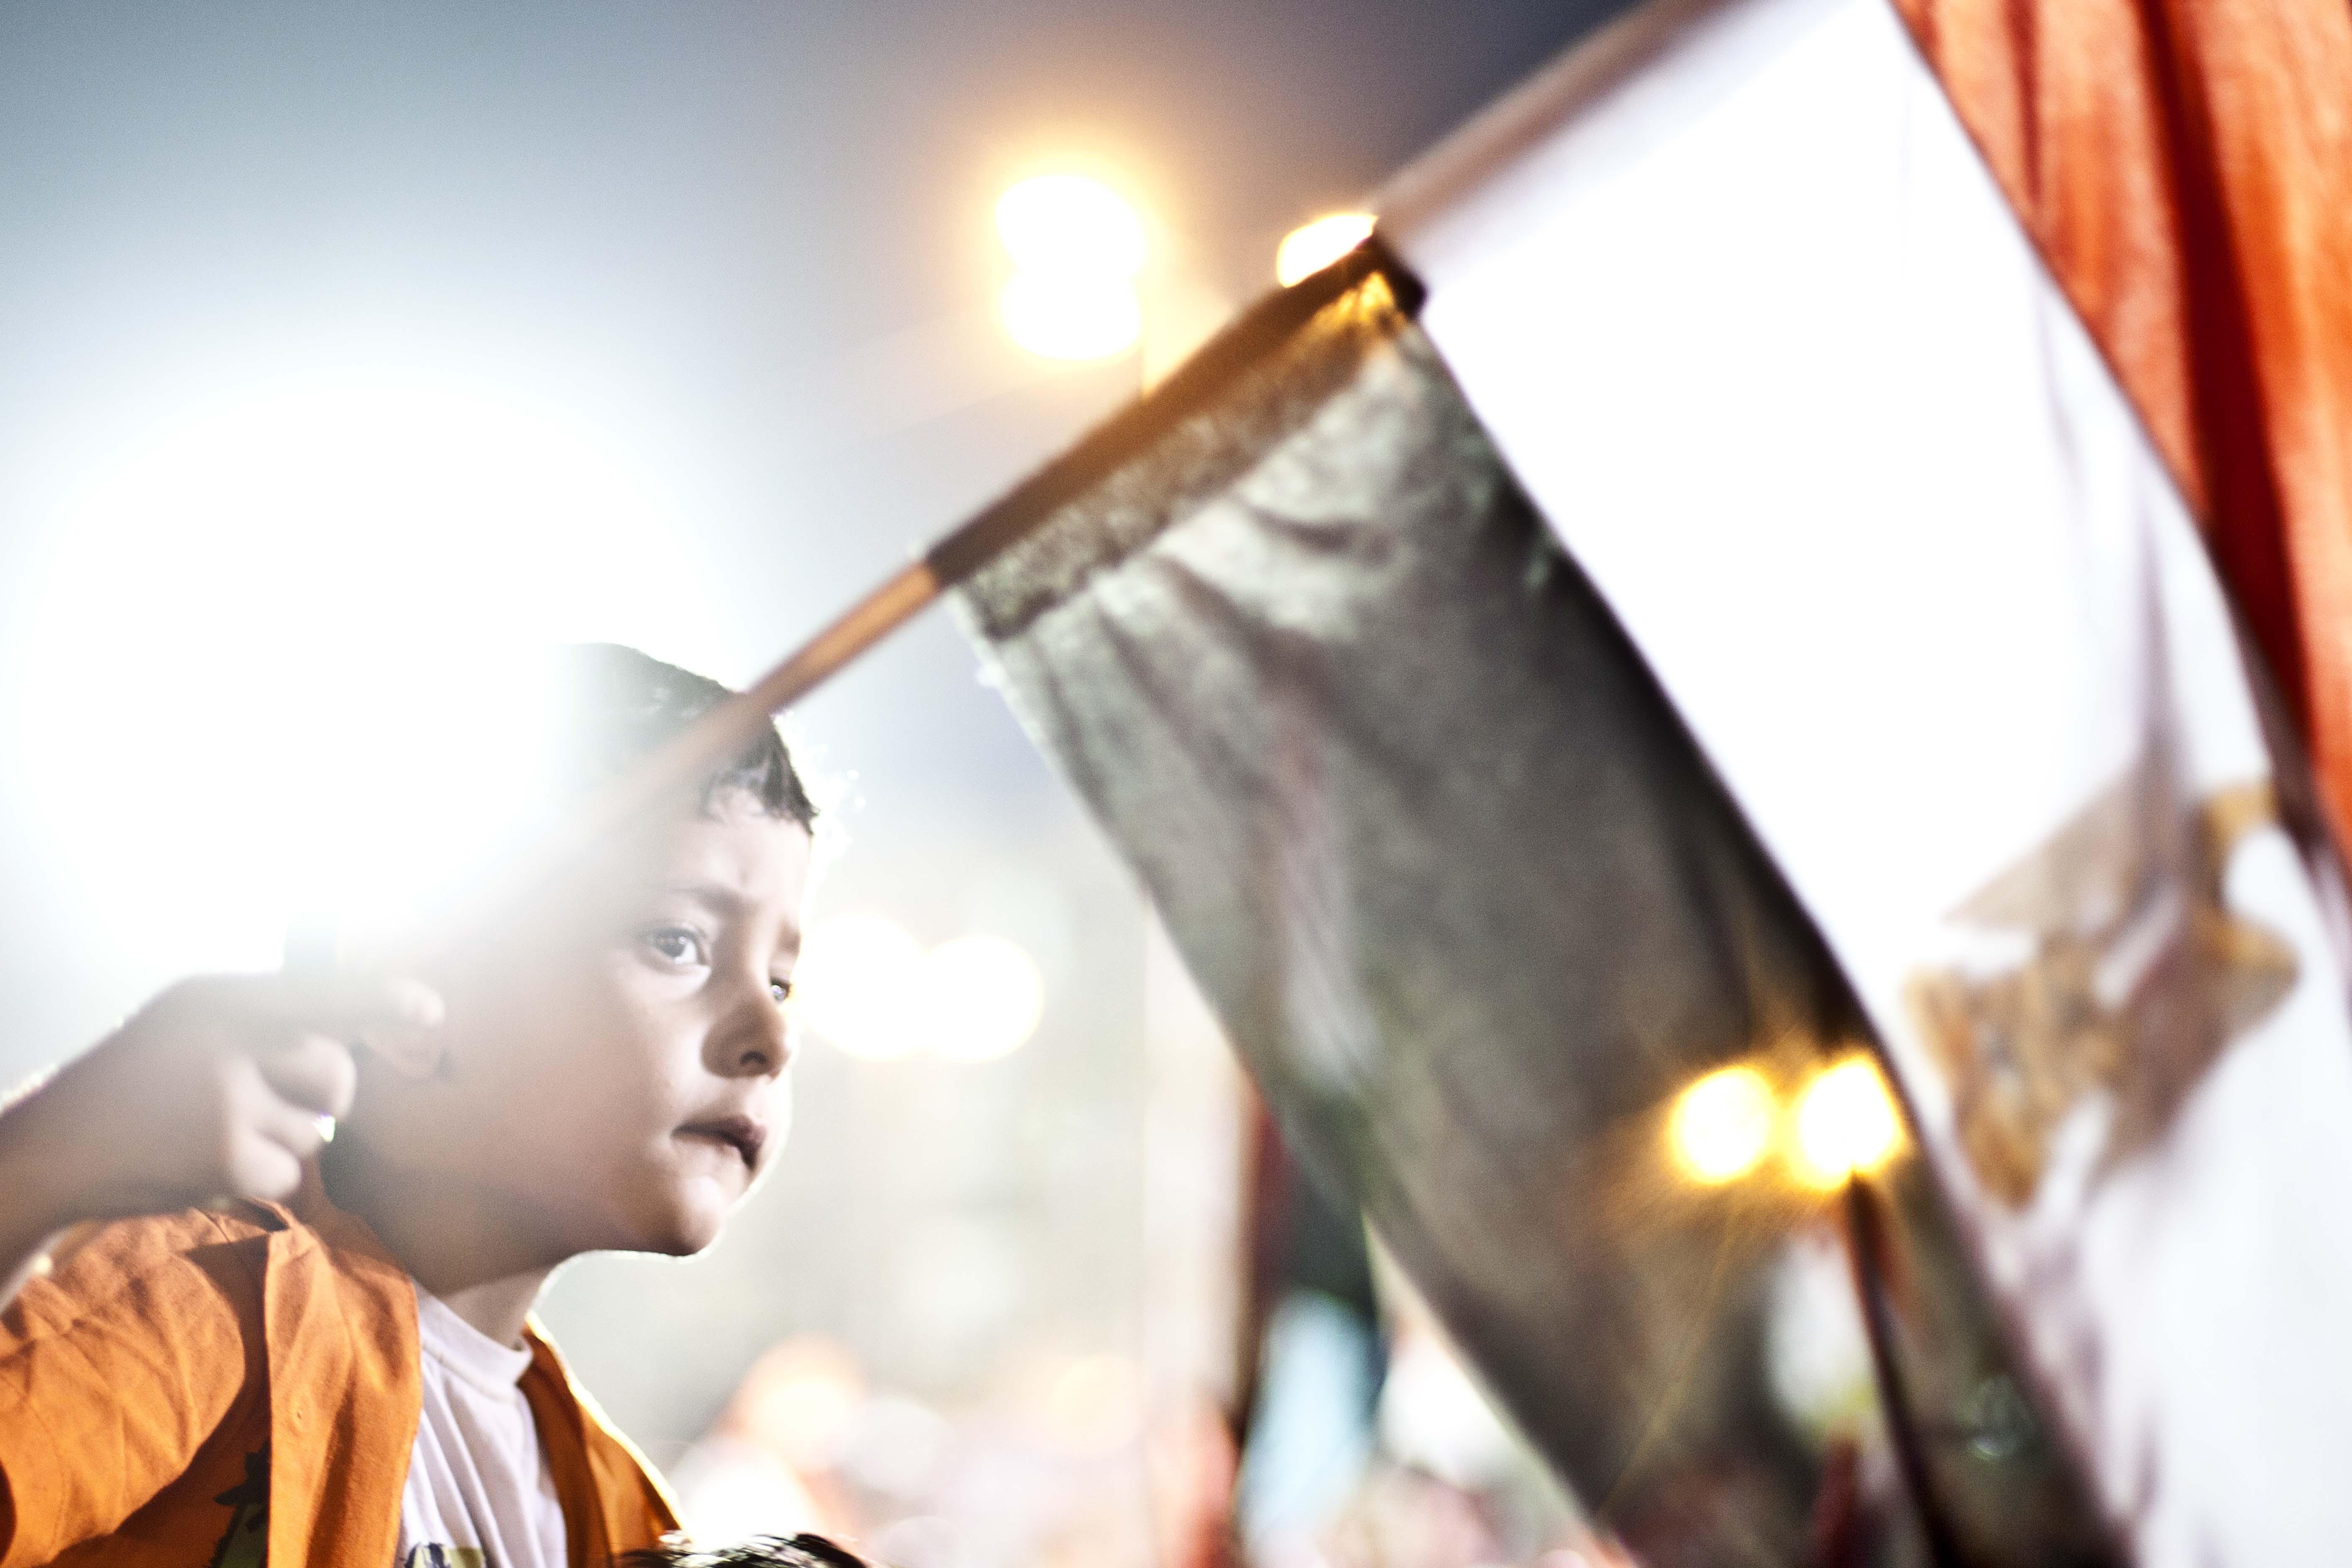 Egyptian's delegated demonstration